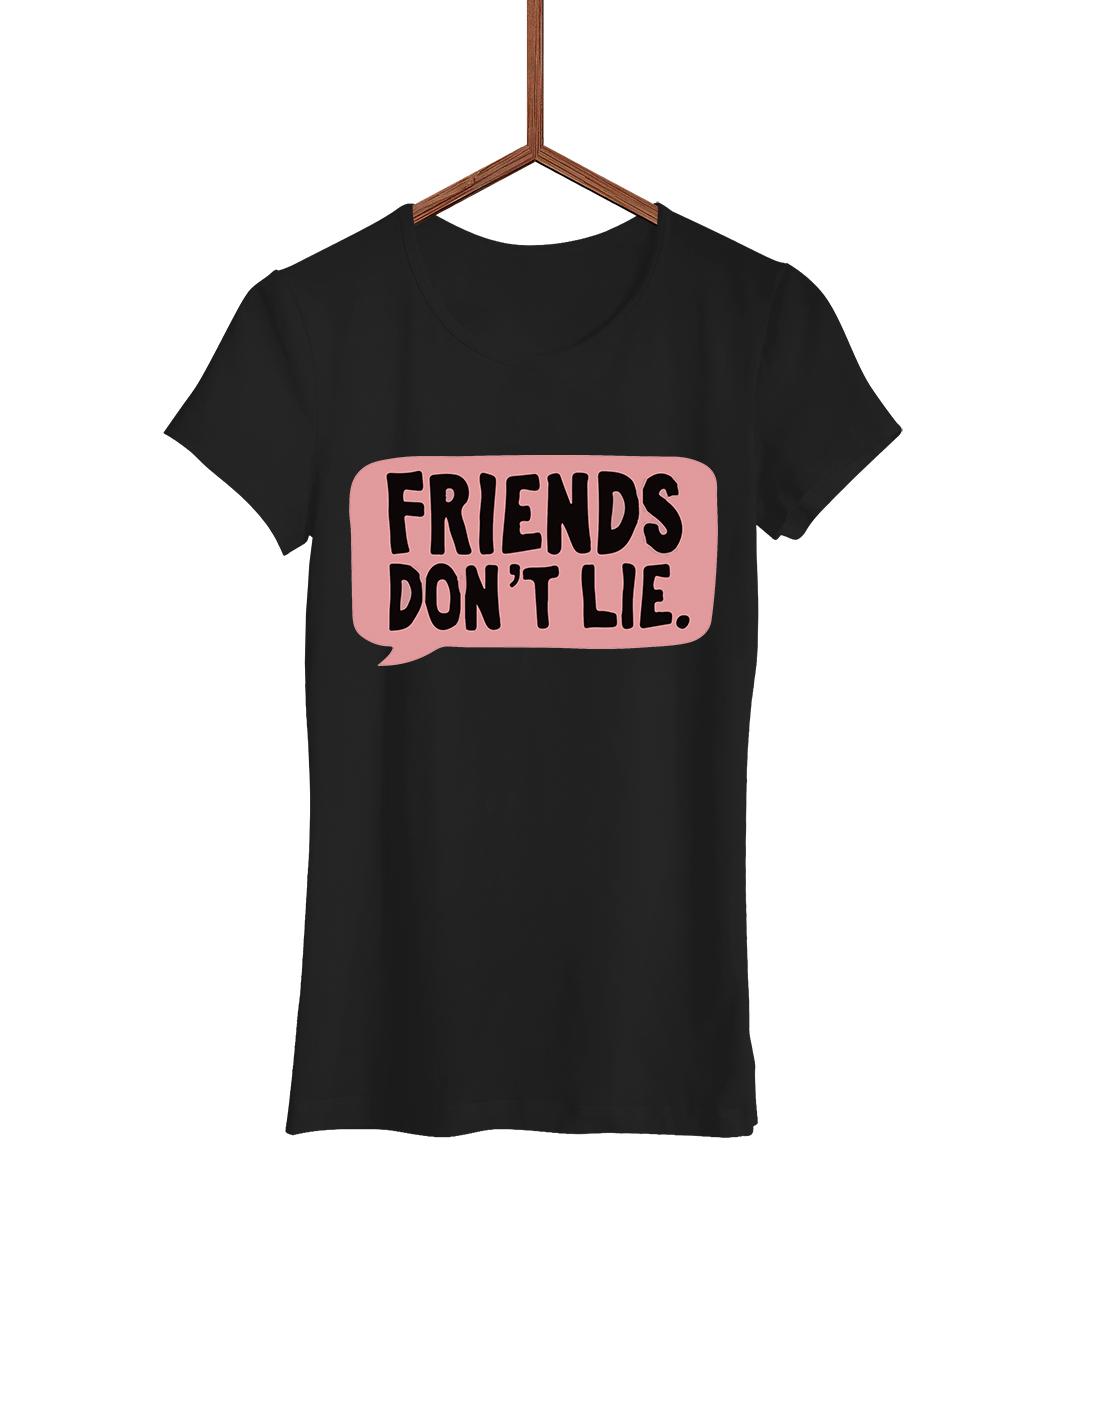 Store Failfake Shirt Tee Don't · Friends Women Online T Lie PXiOTlkZuw